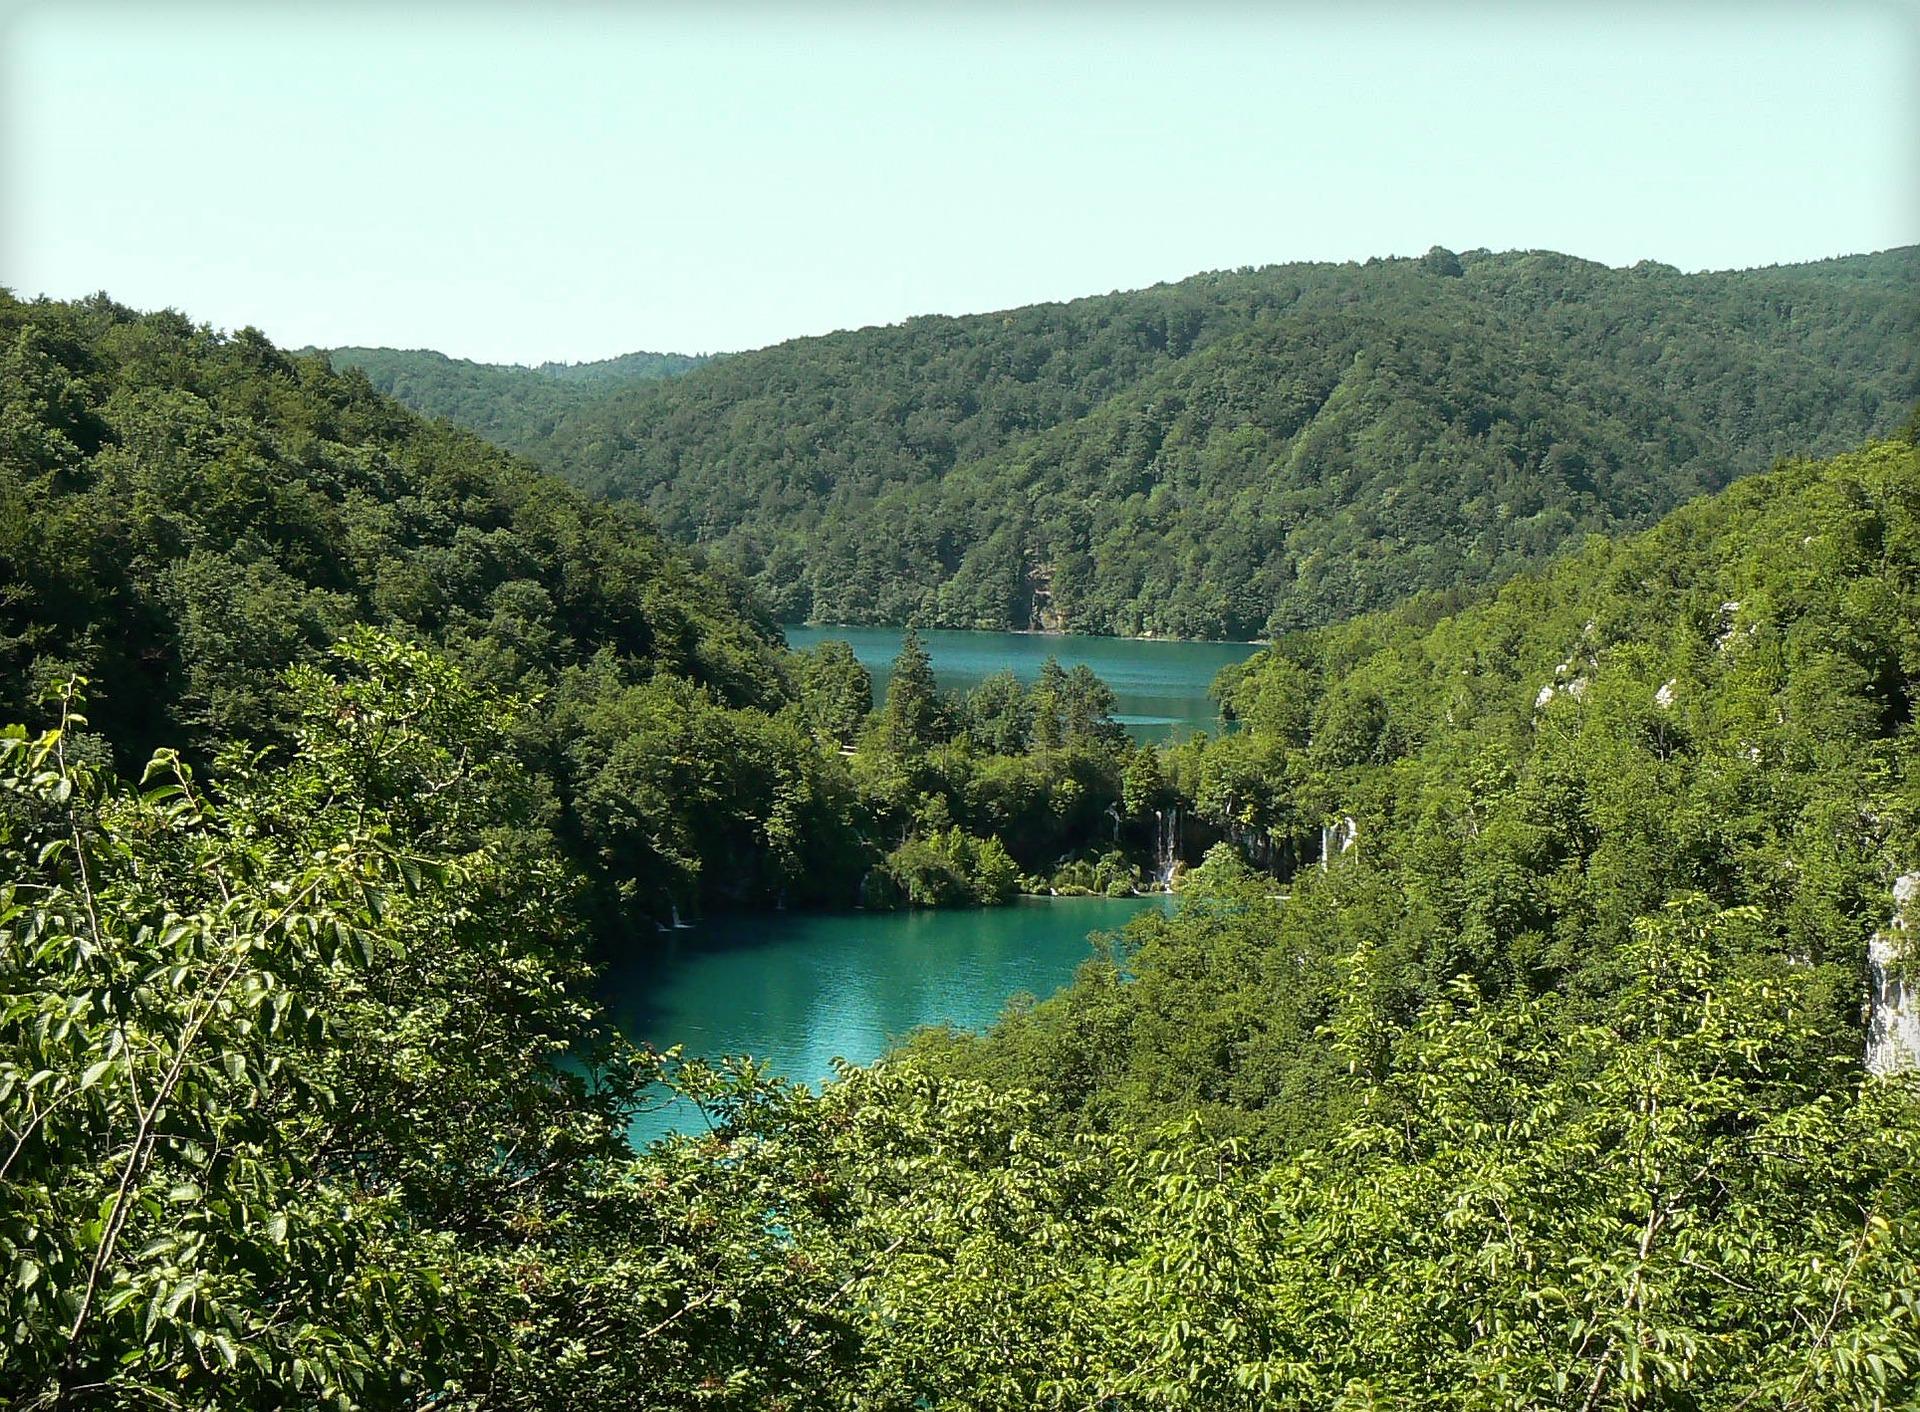 plitvice-lakes-190801_1920